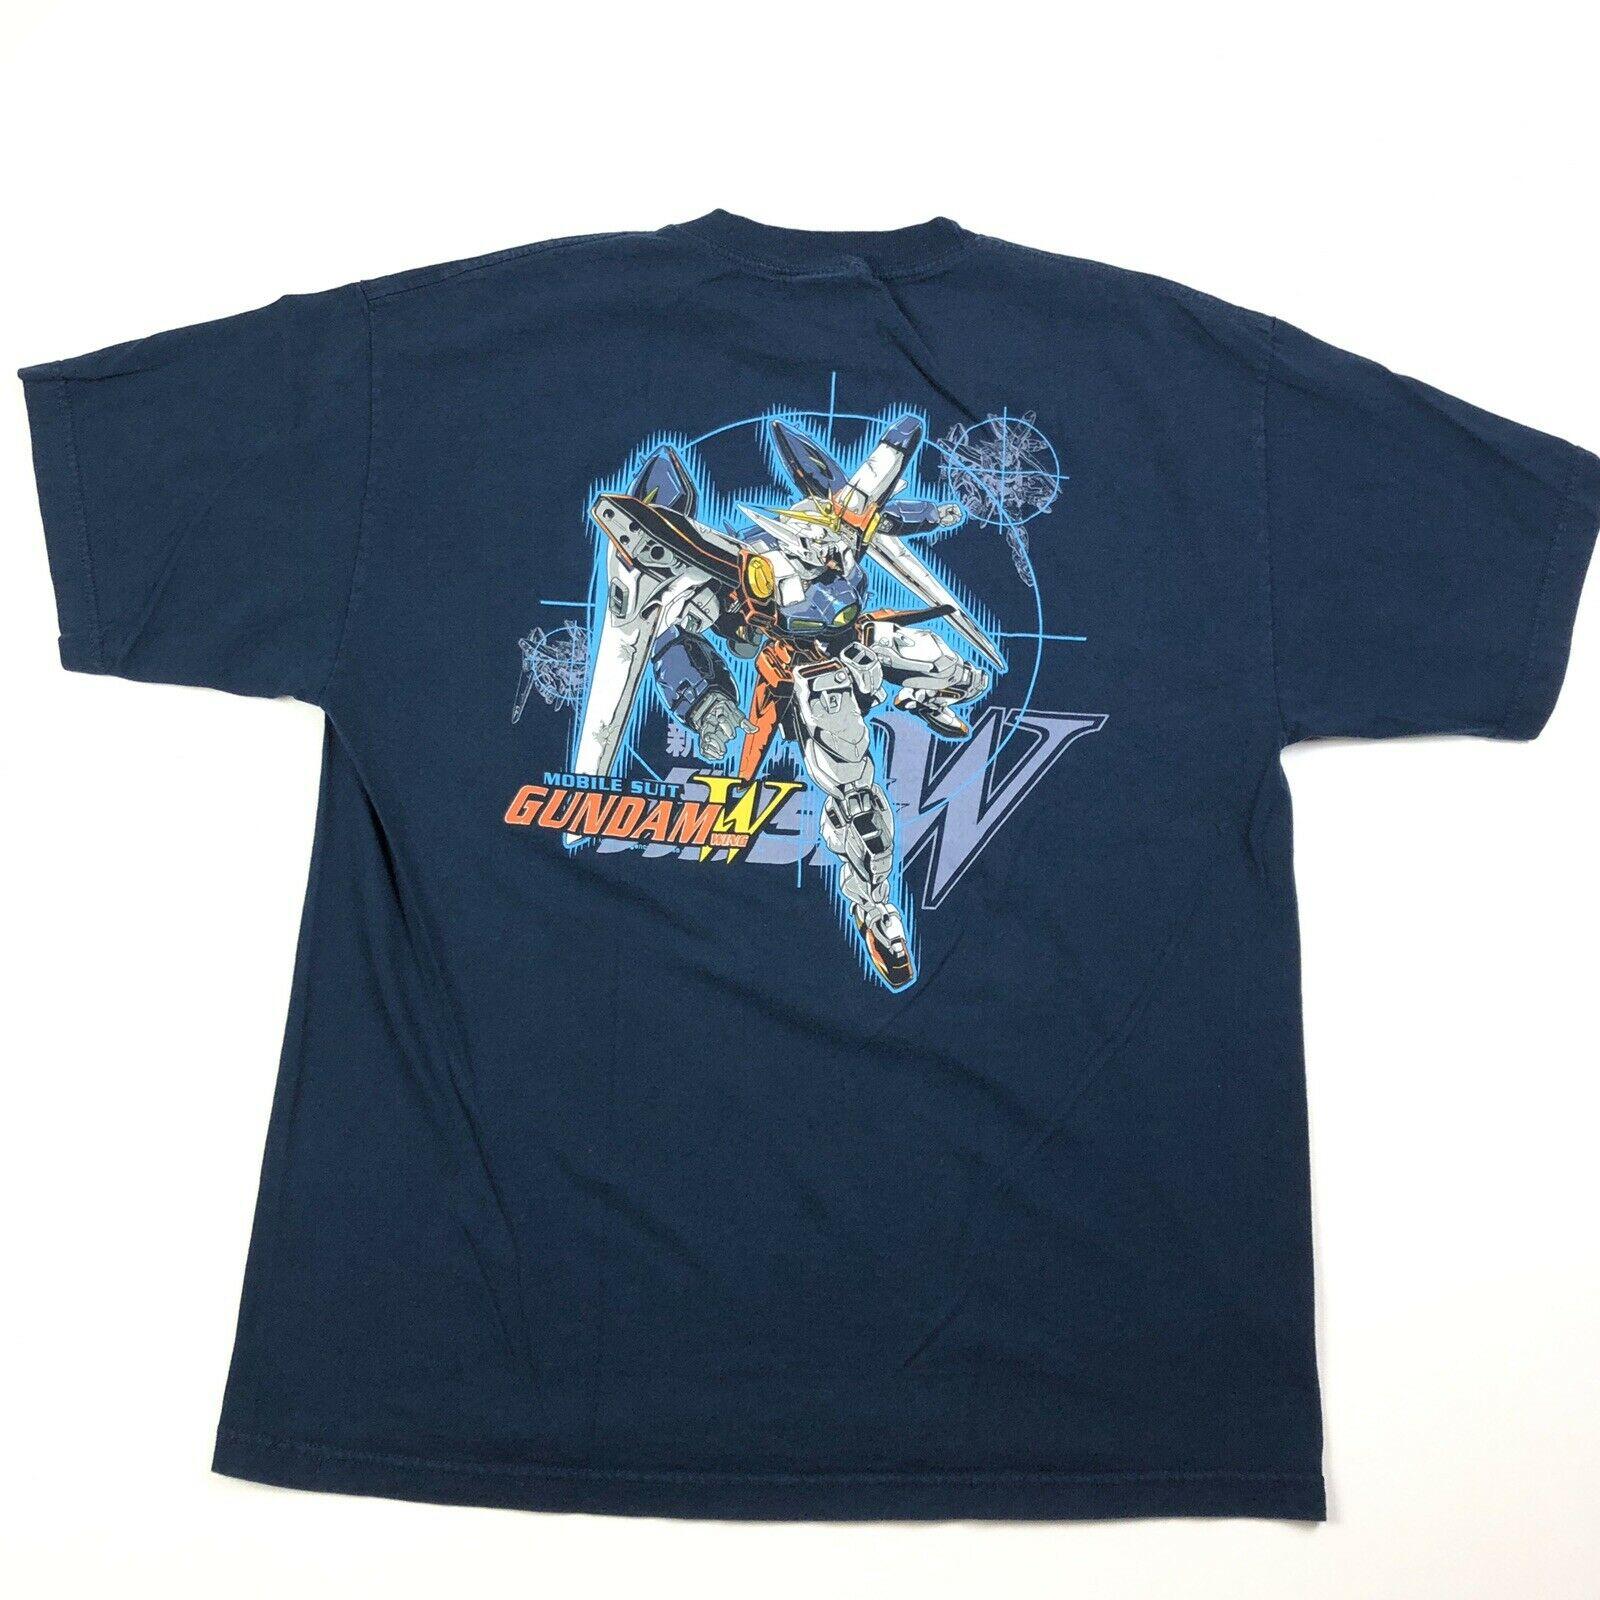 机动战士高达Gundam男女短袖T恤港风ins宽松潮流短衣ins港风